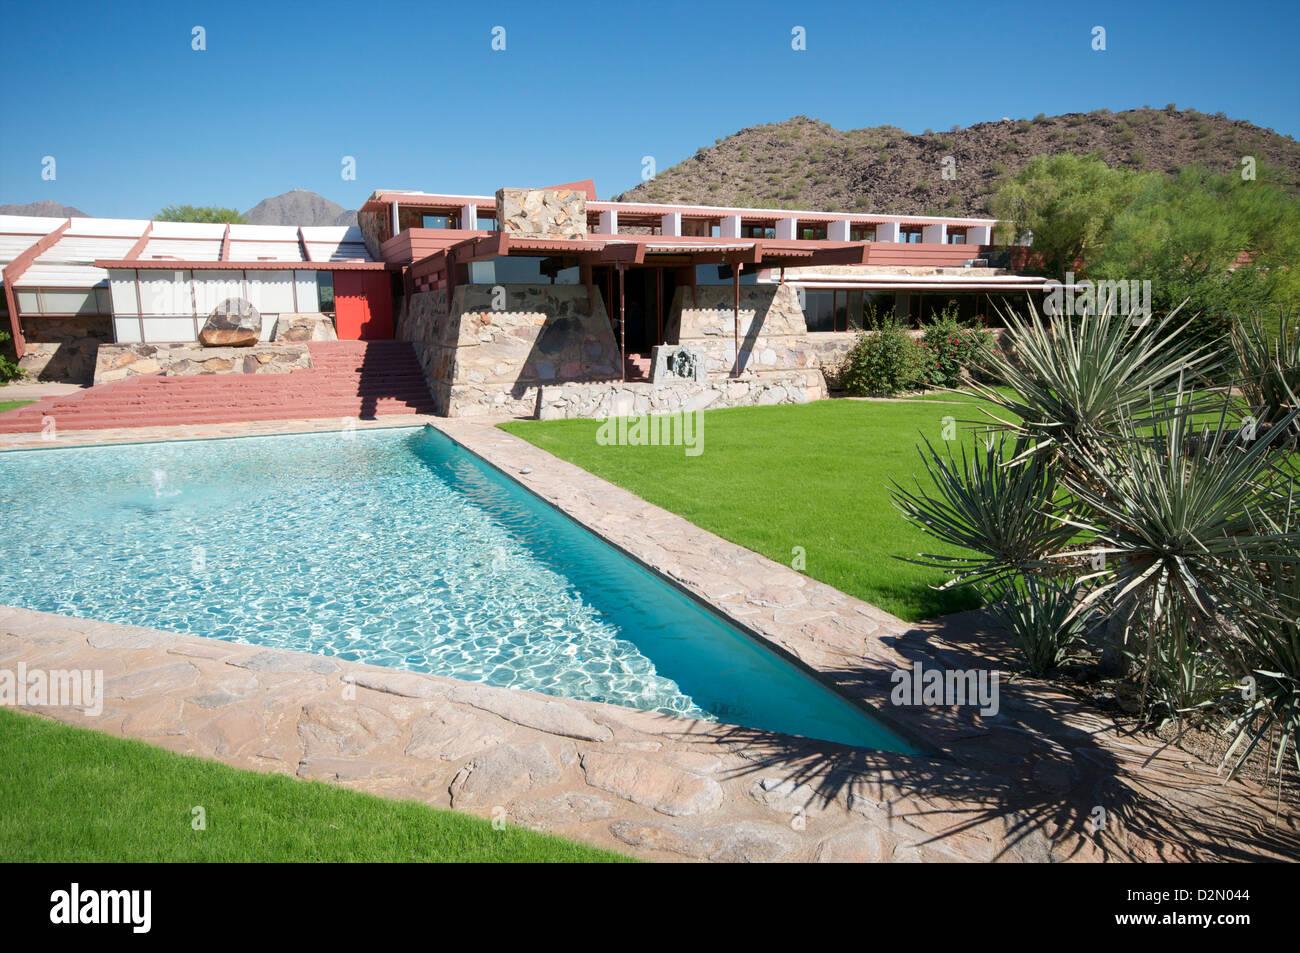 Taliesin West, persönliche Haus von Frank Lloyd Wright, in der Nähe von Phoenix, Arizona, Vereinigte Staaten Stockbild